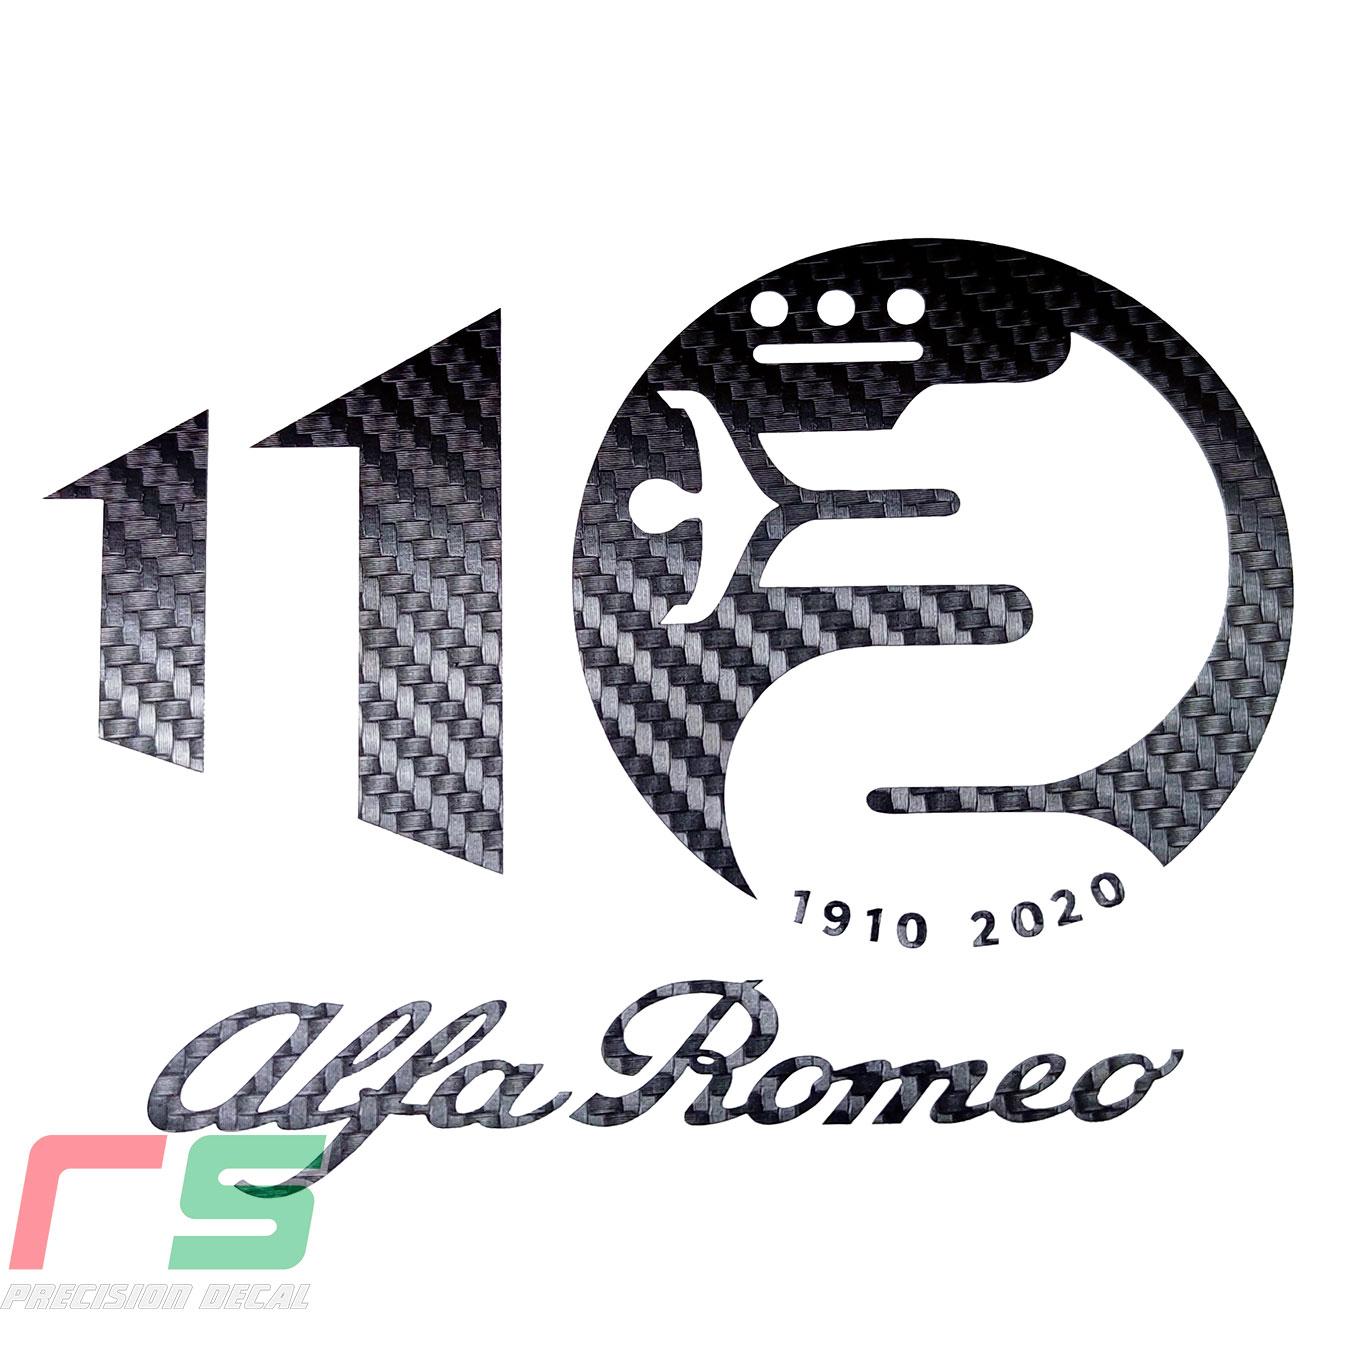 alfa romeo ADESIVI logo 110 anniversario cruscotto sticker decal